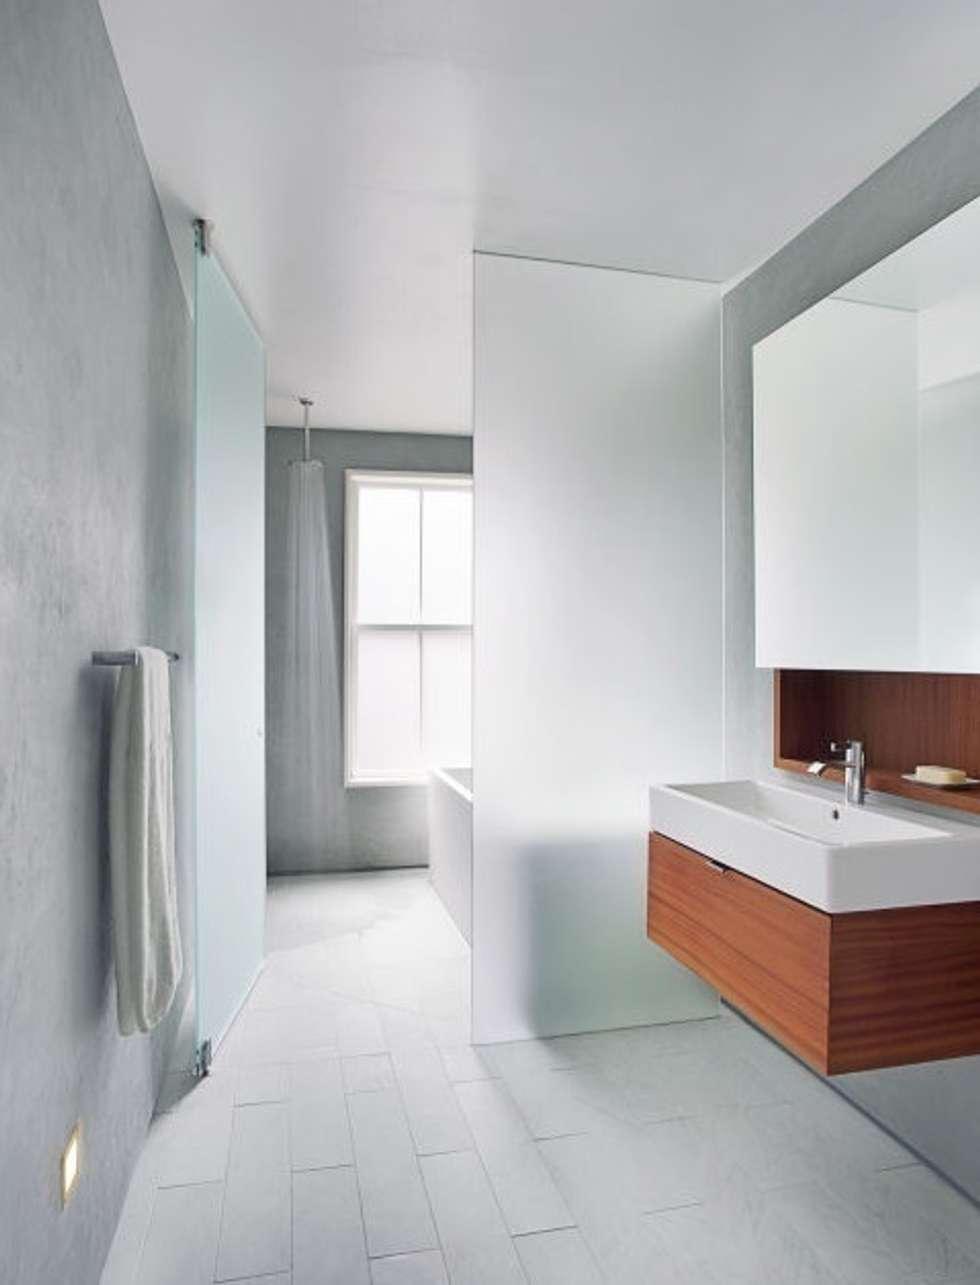 Dekorasyontadilat – Büyükçekmecedekorasyon: modern tarz Banyo